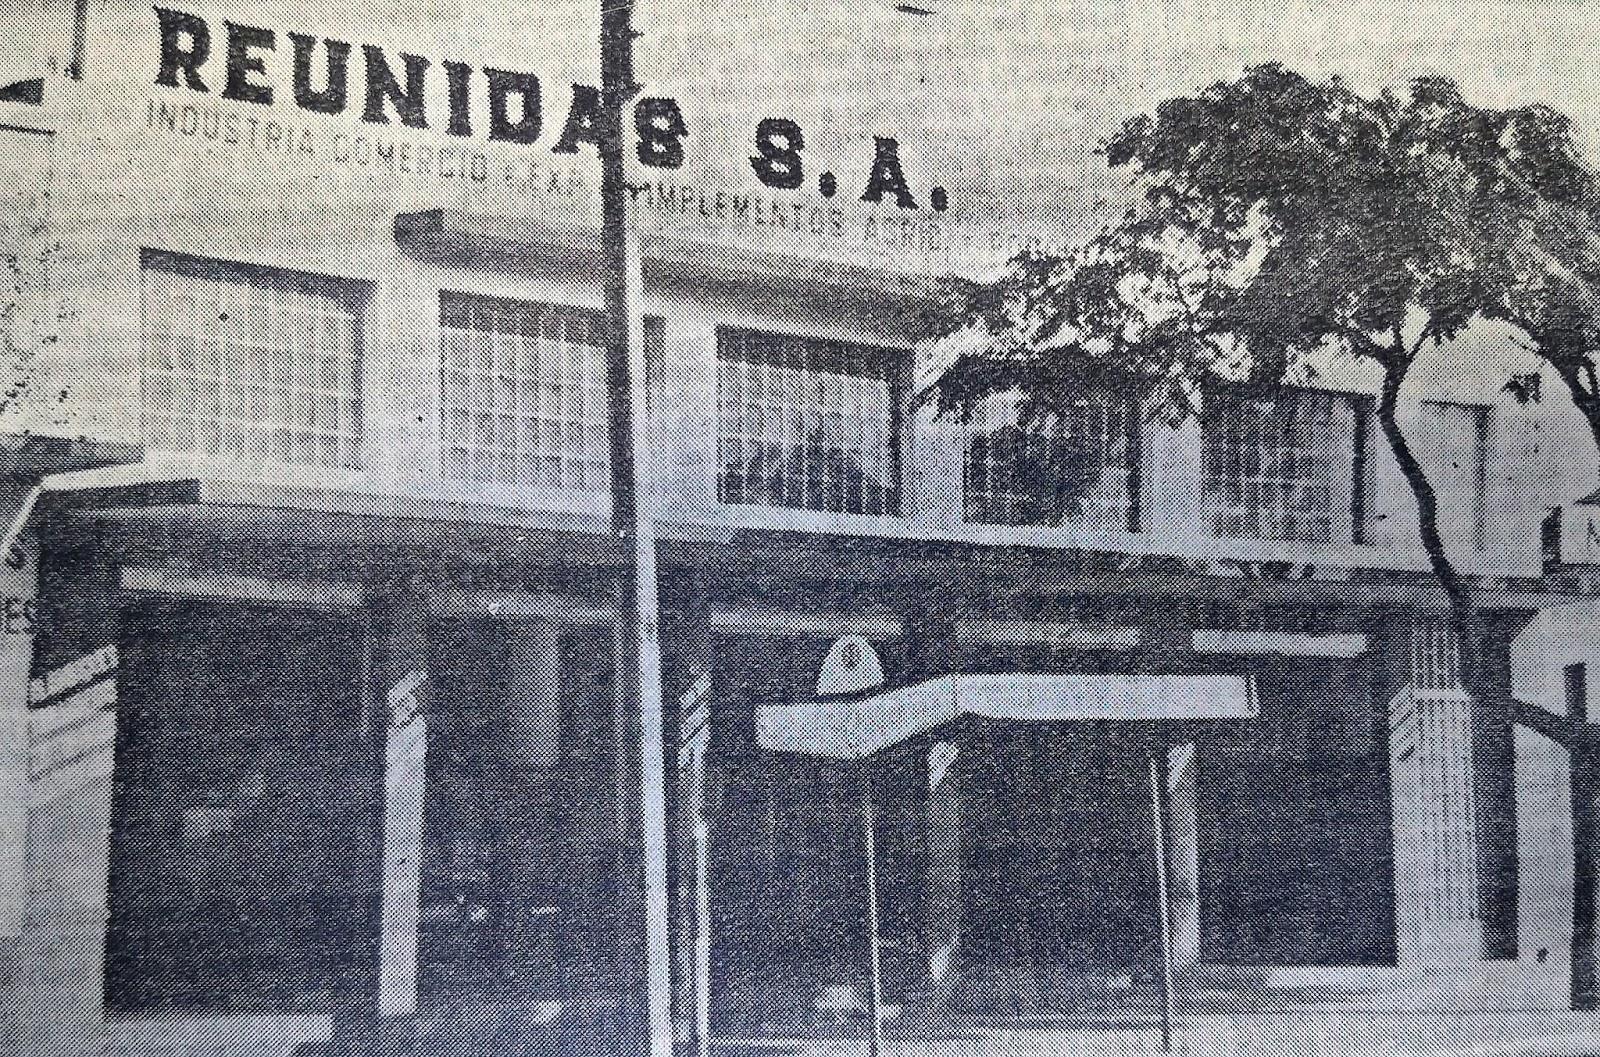 Reunidas S.A. - 1972